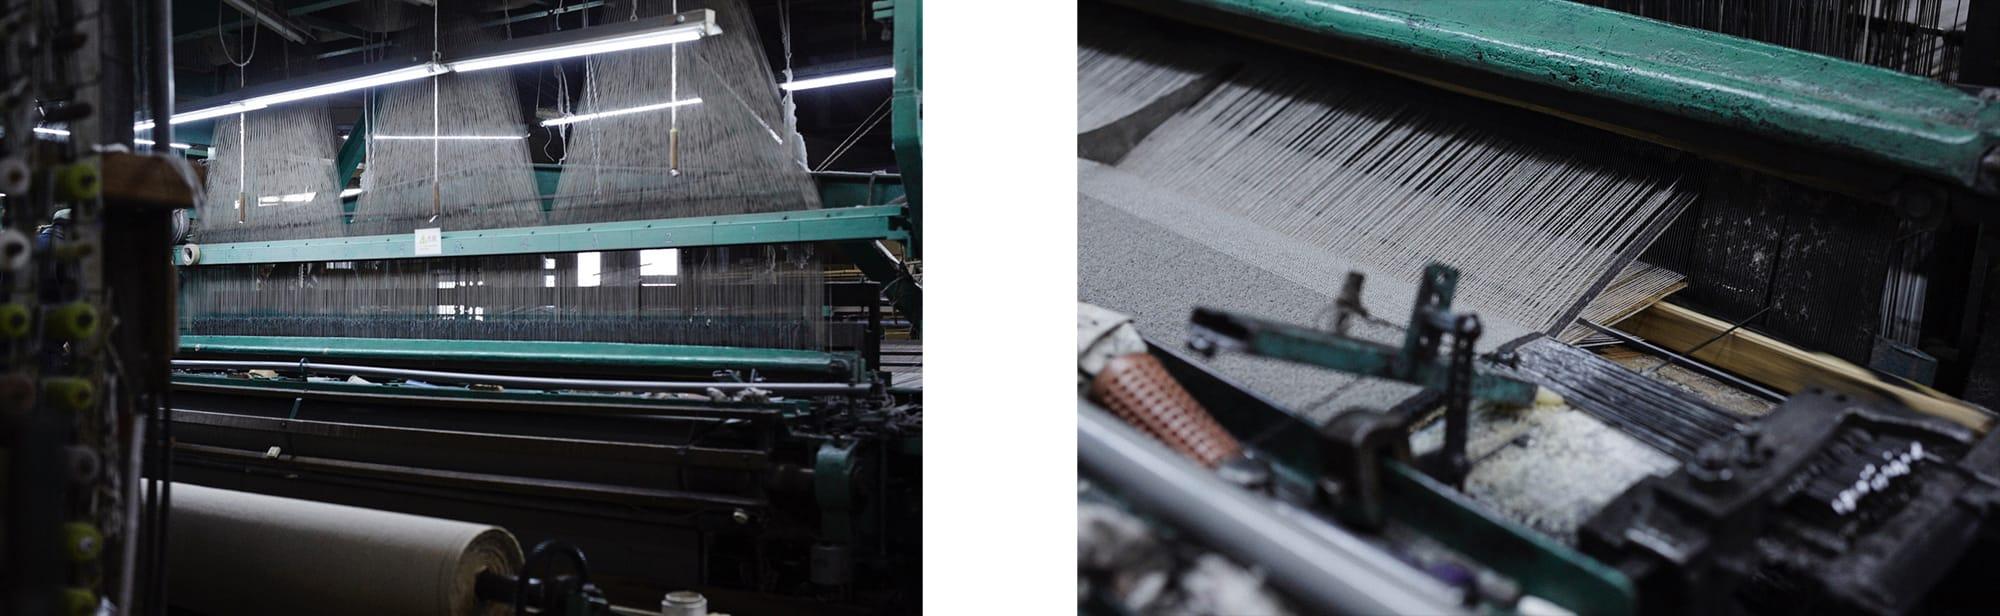 これらのカーペットを作リ出すウィルトン織機は、1800年代のイギリス産業革命の時代に開発された歴史的な織機。堀田カーペットでは50年ほど前に日本で生産されたウィルトン織機を何度もメンテナンスをしながら使っている。